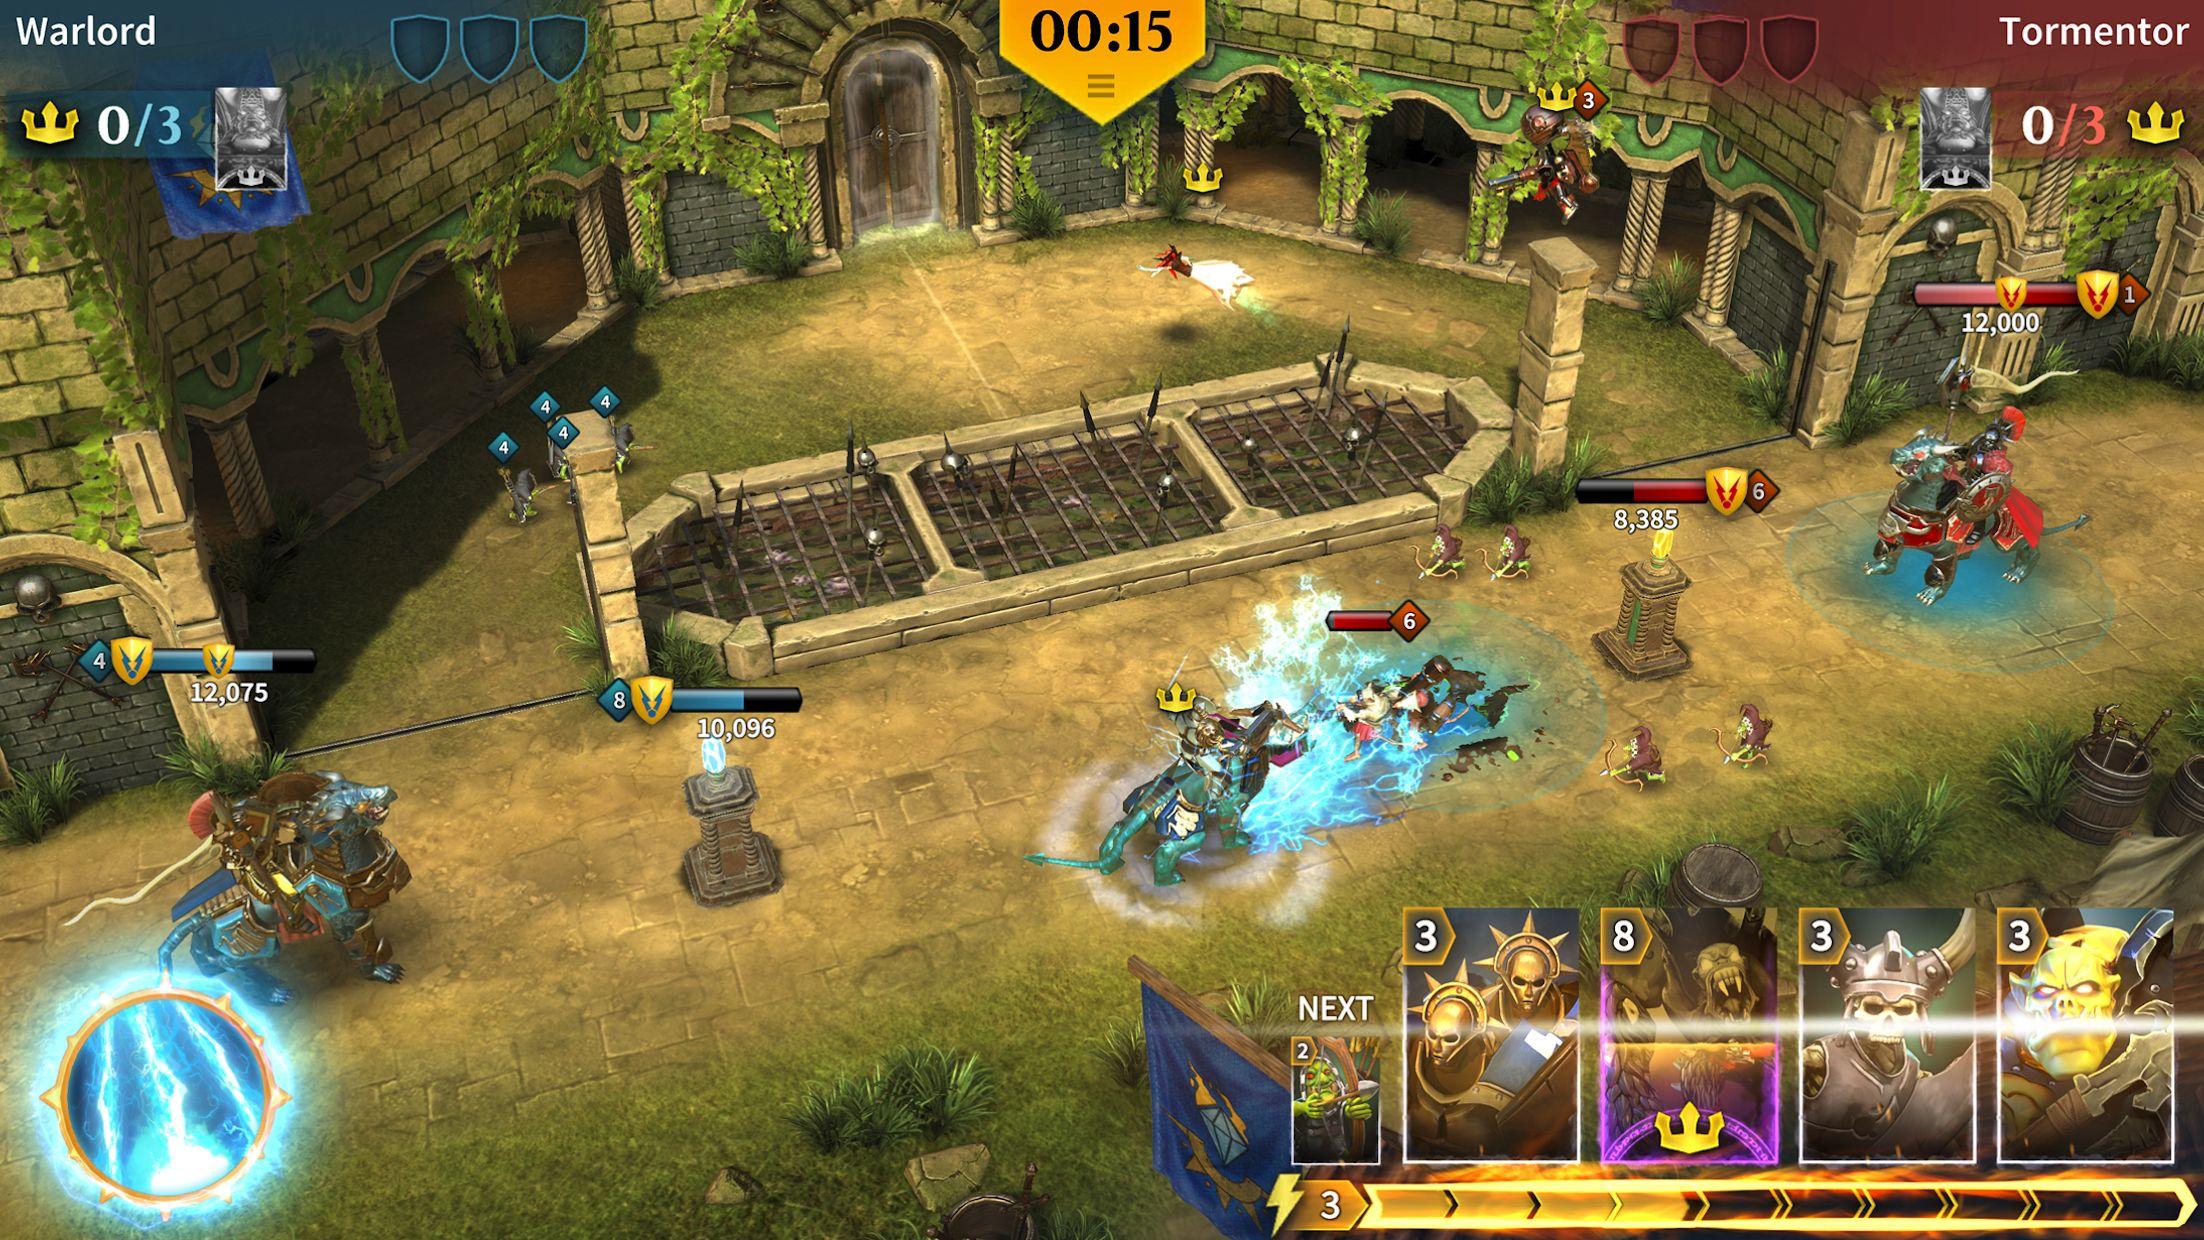 战锤时代: 领土战争 游戏截图5